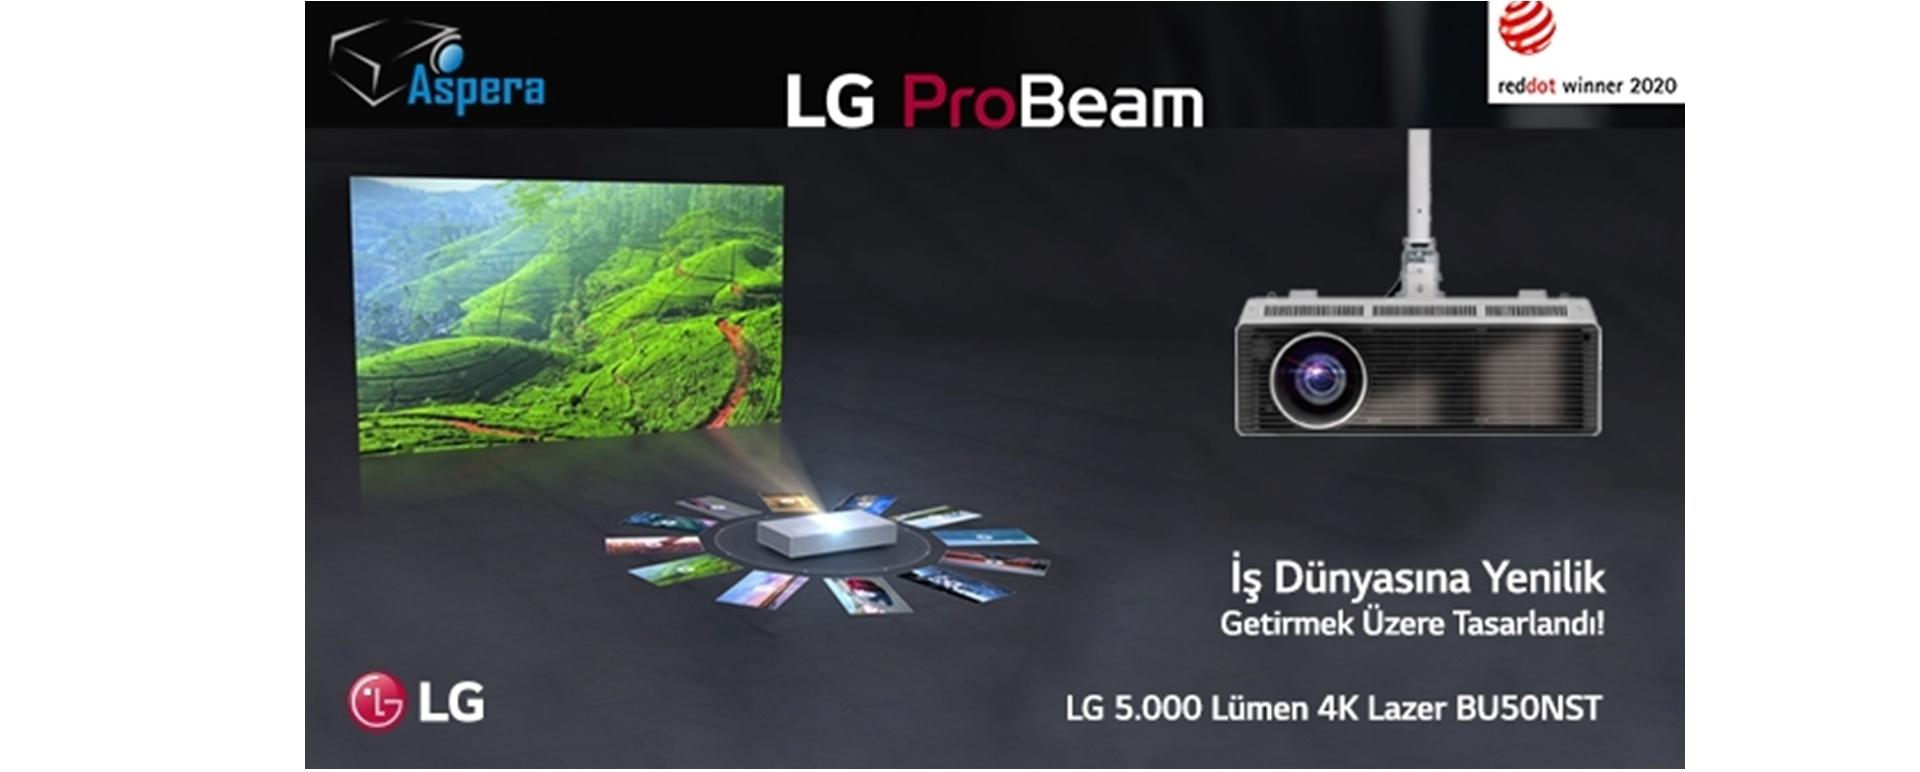 LG BU50NST